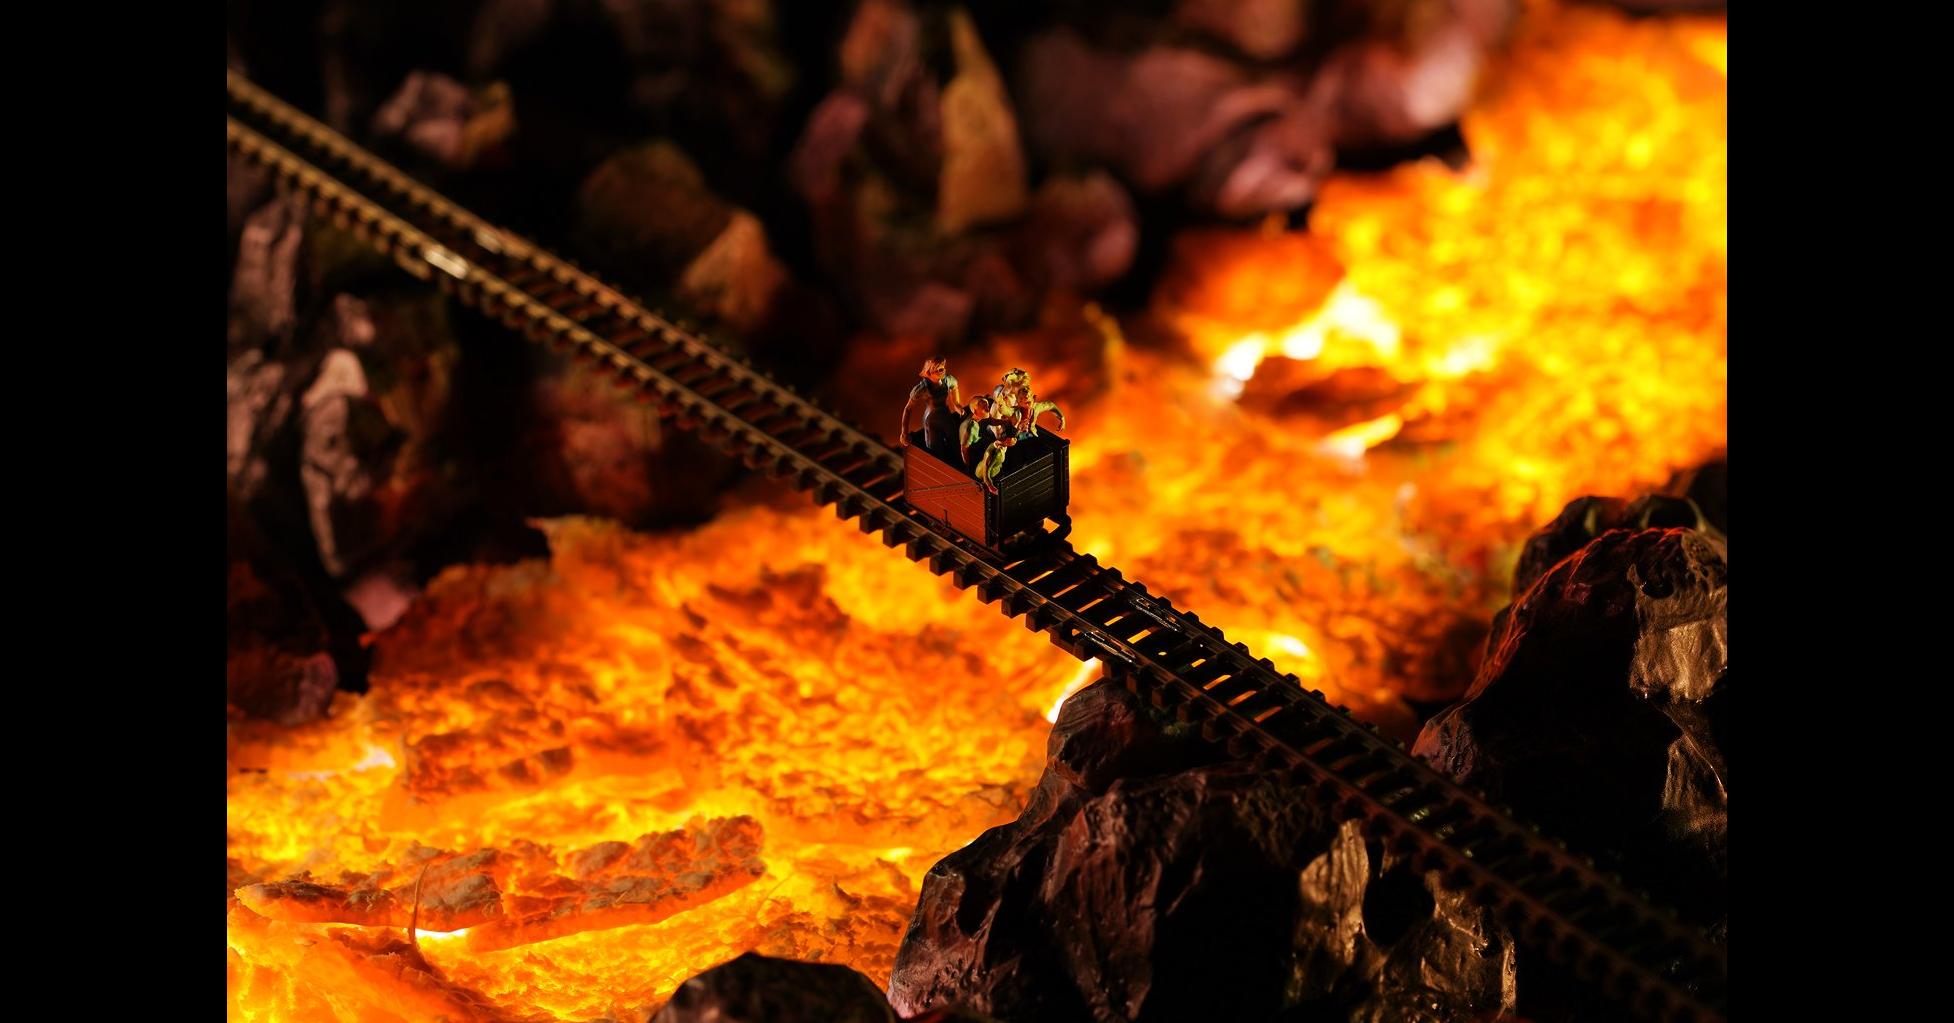 照片中包含了火焰、吉他、樂器配件、營火、火焰